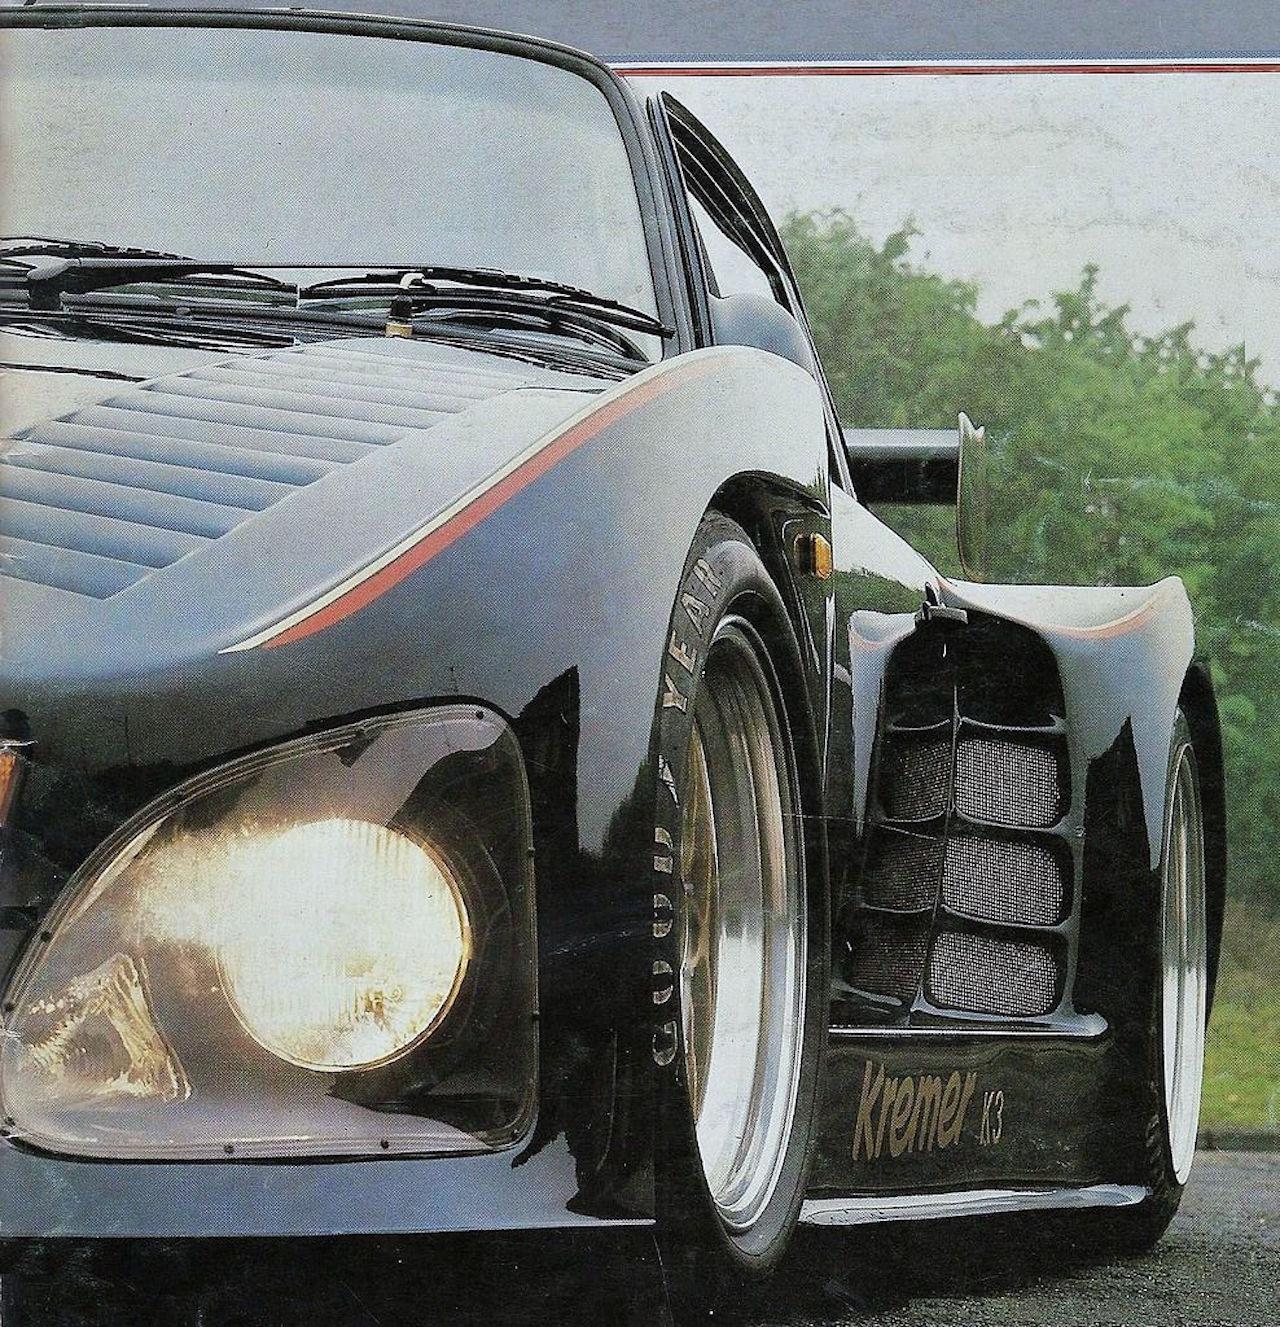 Street Legal en Porsche 935 Kremer 3